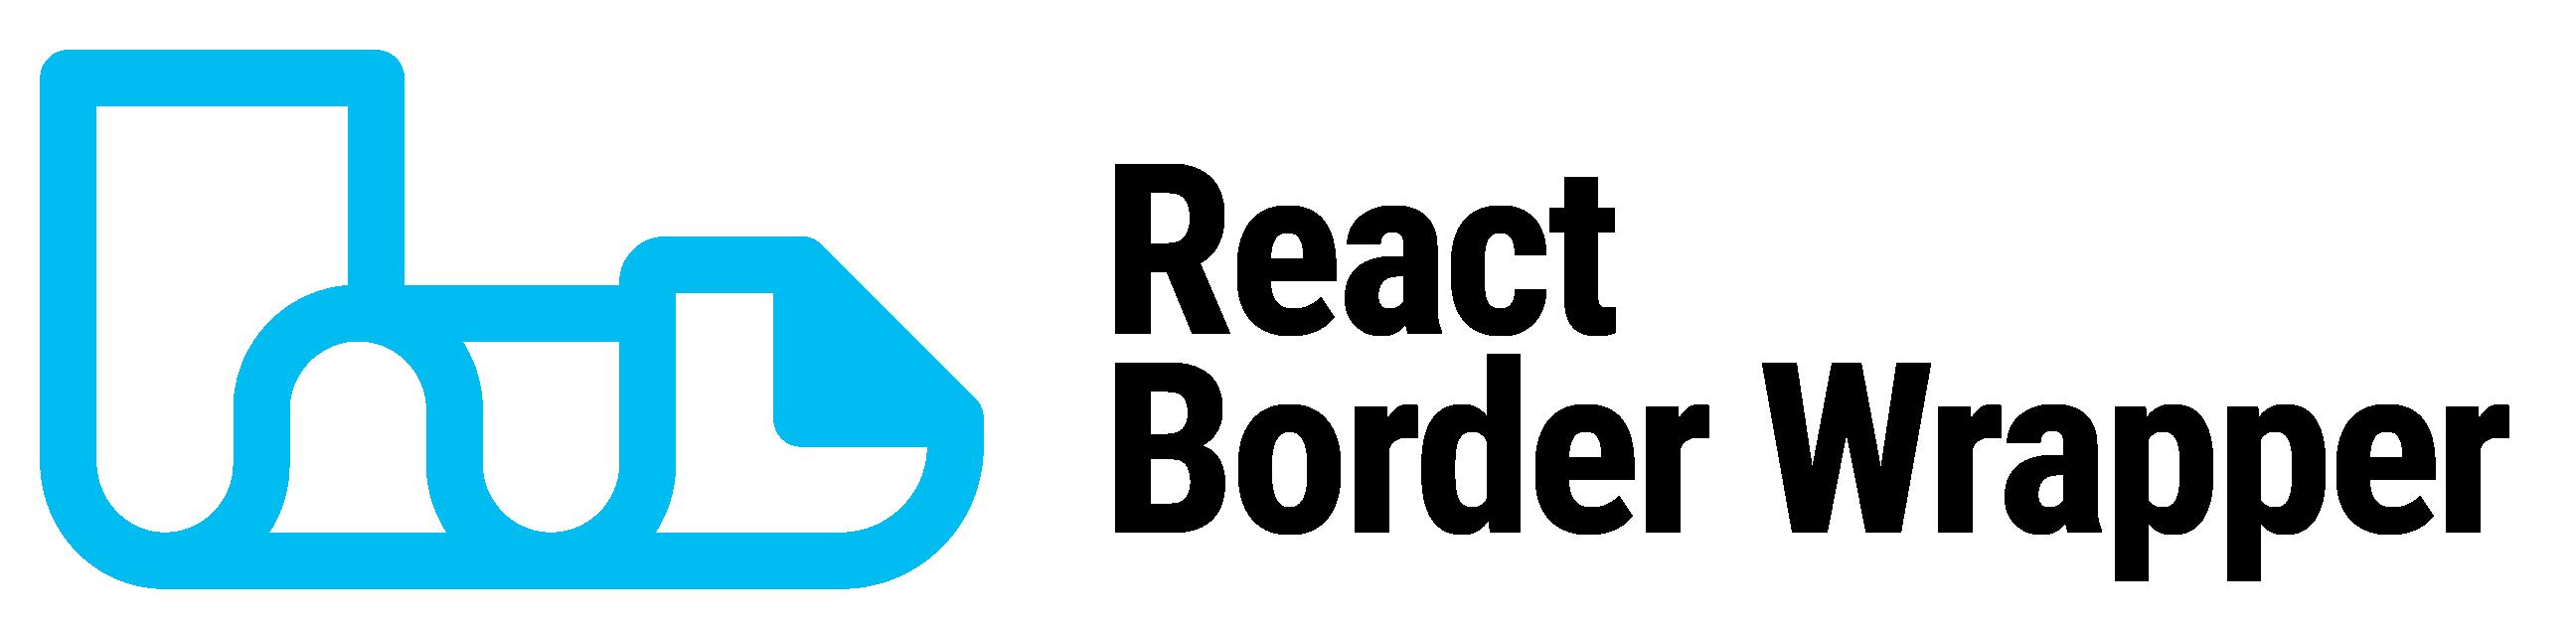 React Border Wrapper Logo